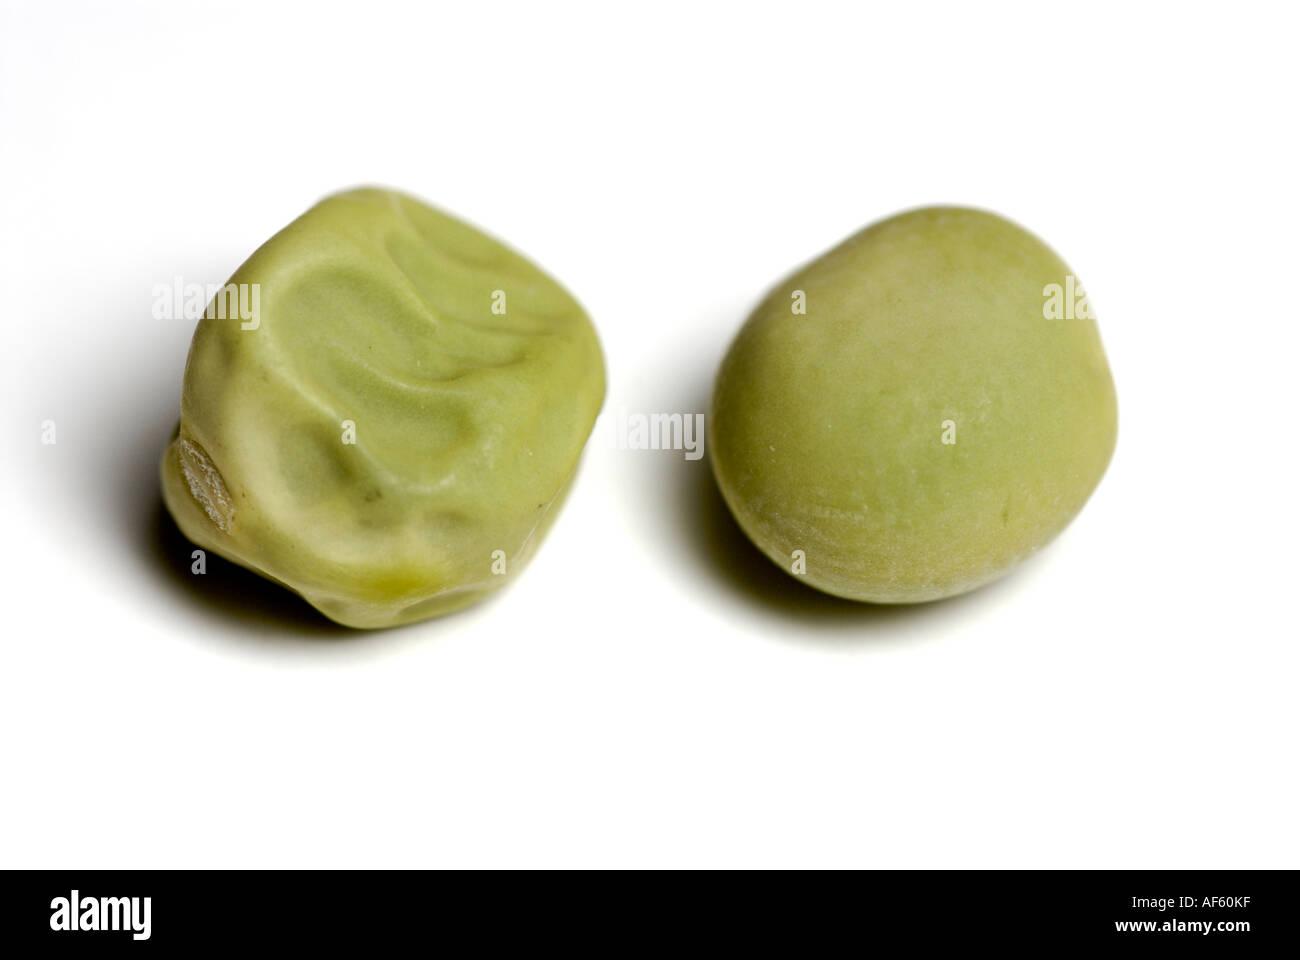 Liscio verde e rugosa i semi di pisello, tratti Gregor Mendel studiato nella sua eredità genetica esperimenti. Immagini Stock